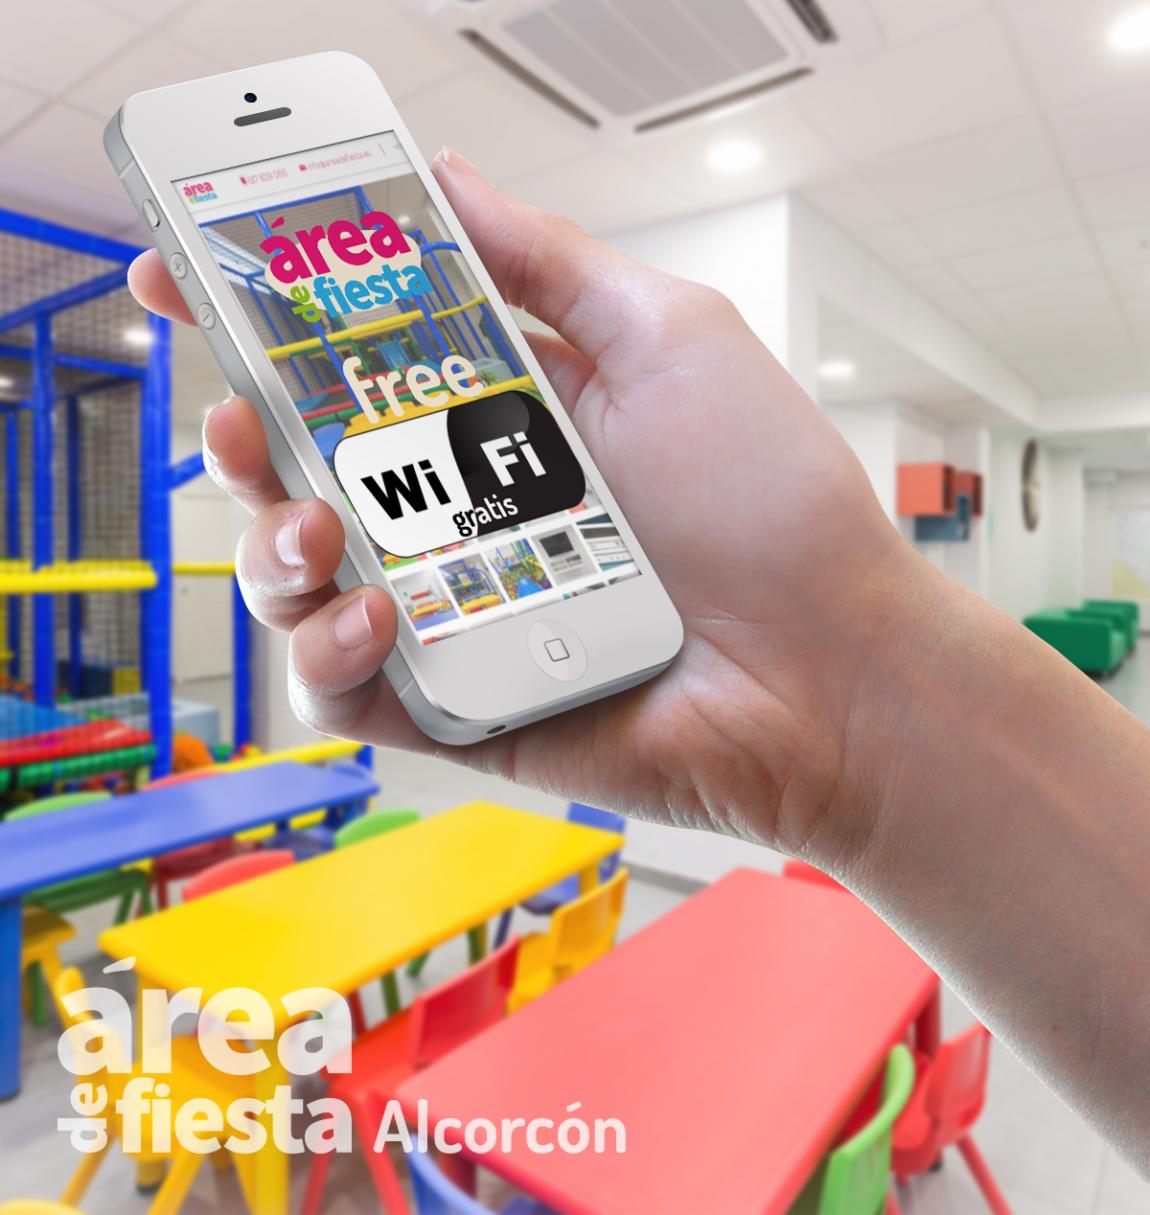 WiFi Gratis y Televisión en Alcorcón